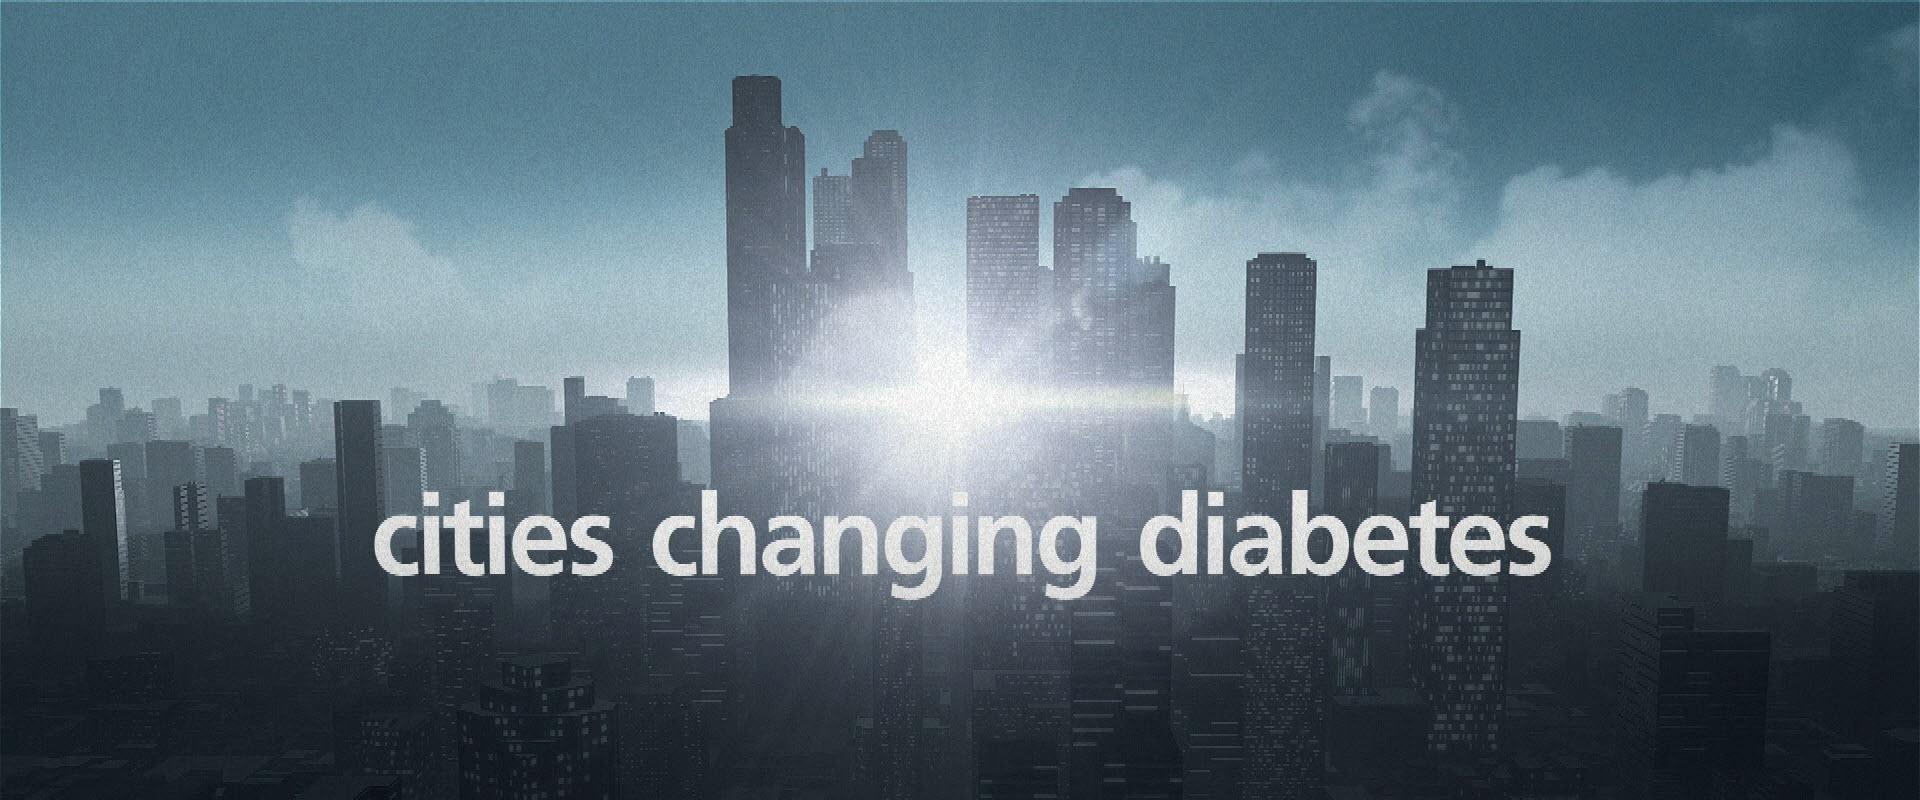 Tingginya Tingkat Diabetes, Jakarta Tekan Angka Diabetes Melalui Kemitraan Cities Changing Diabetes